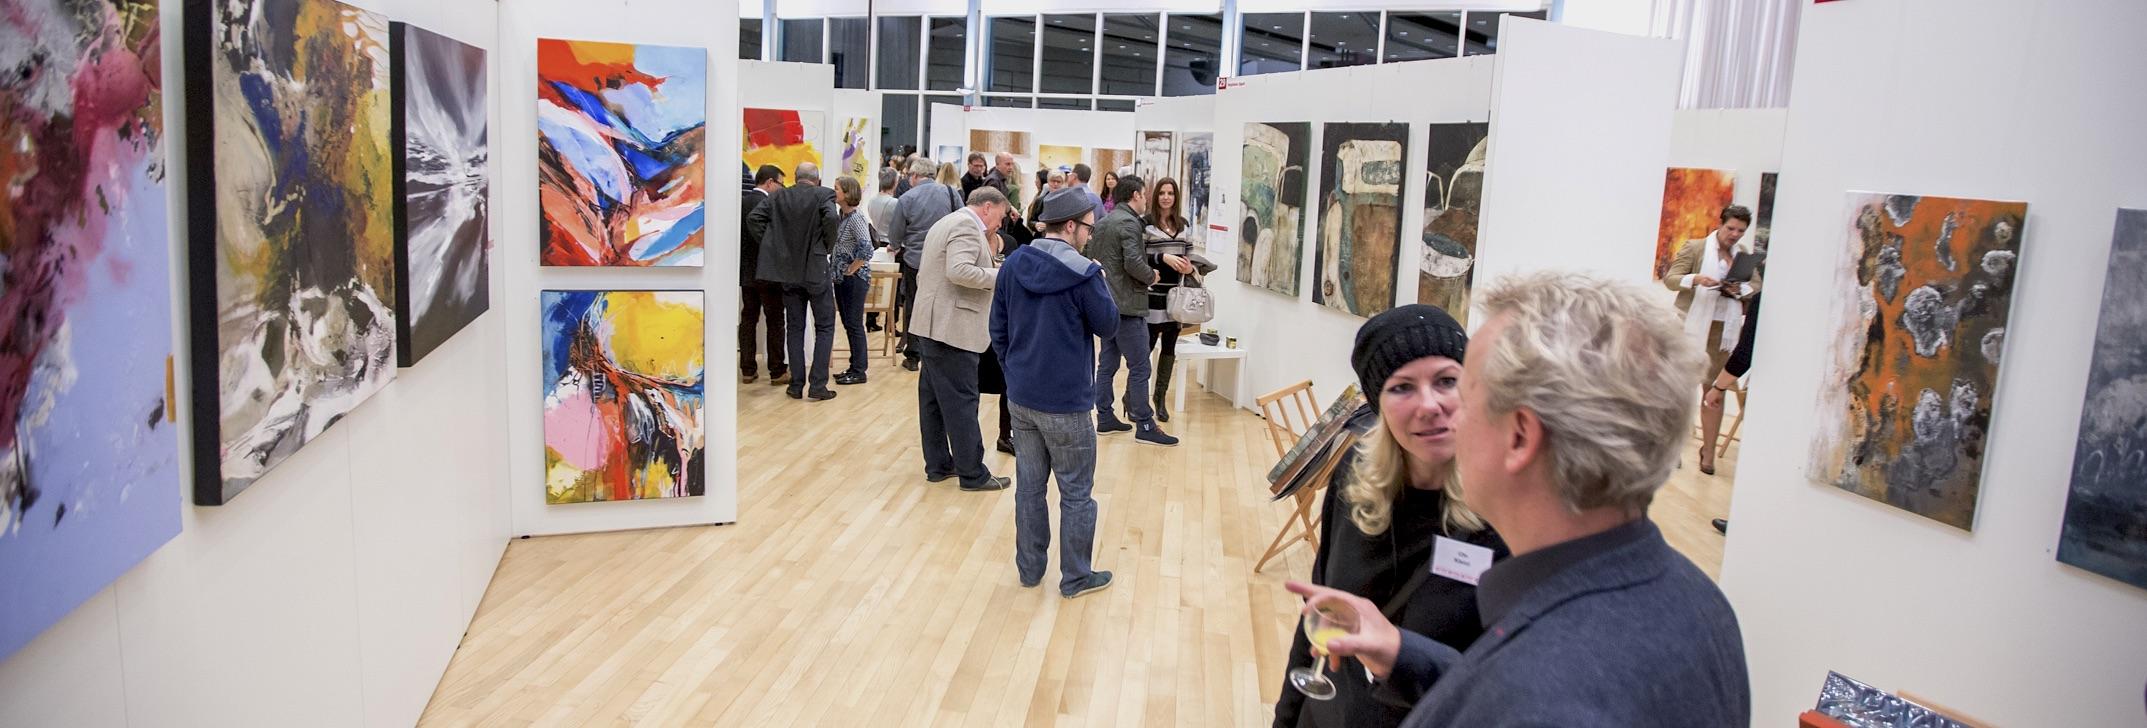 Exhibition Arte Binningen